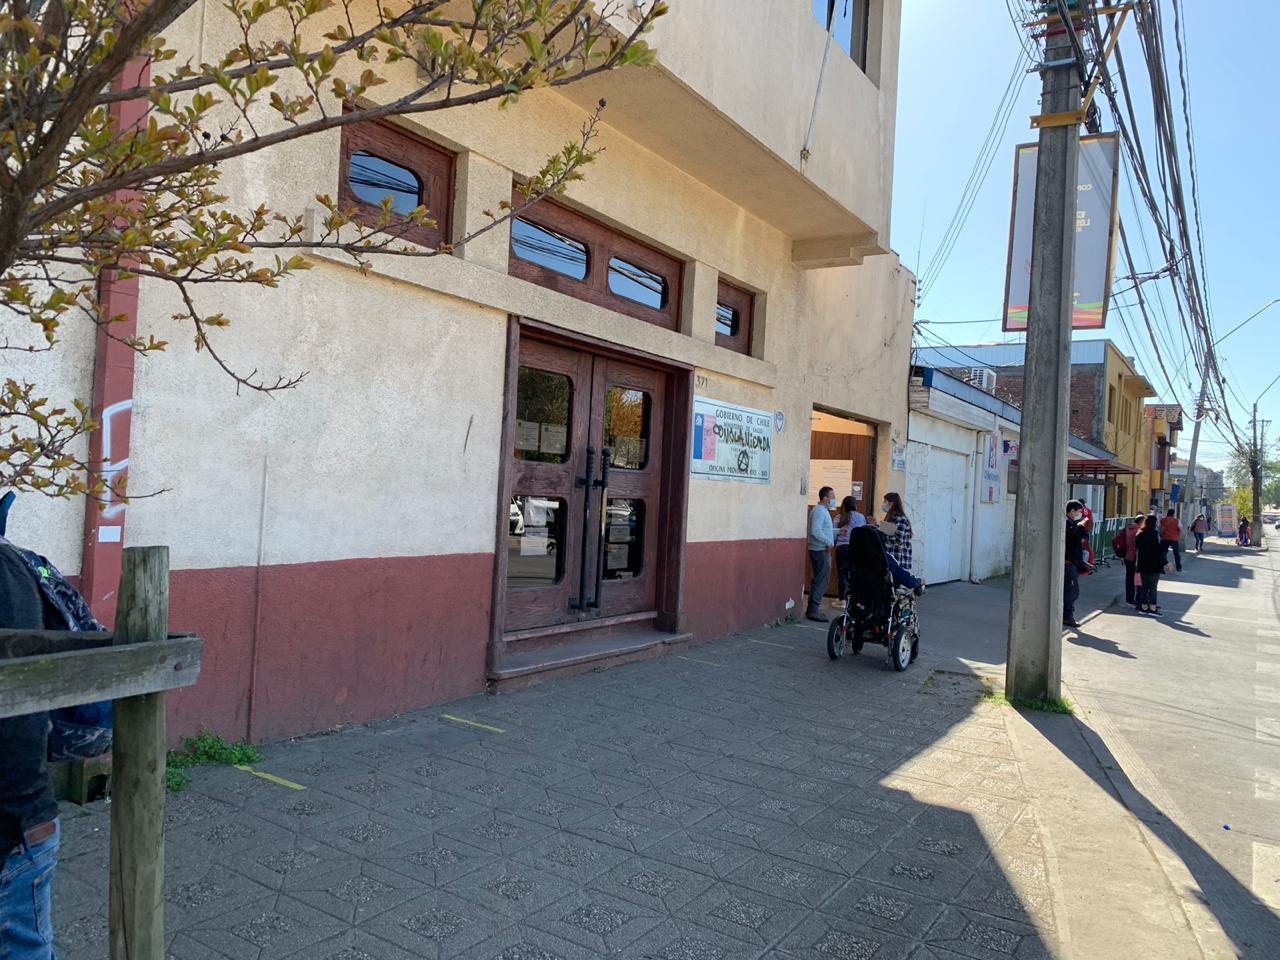 Los Ángeles: Funcionario de la Seremi de Salud da positivo a Covid y cierran edificio